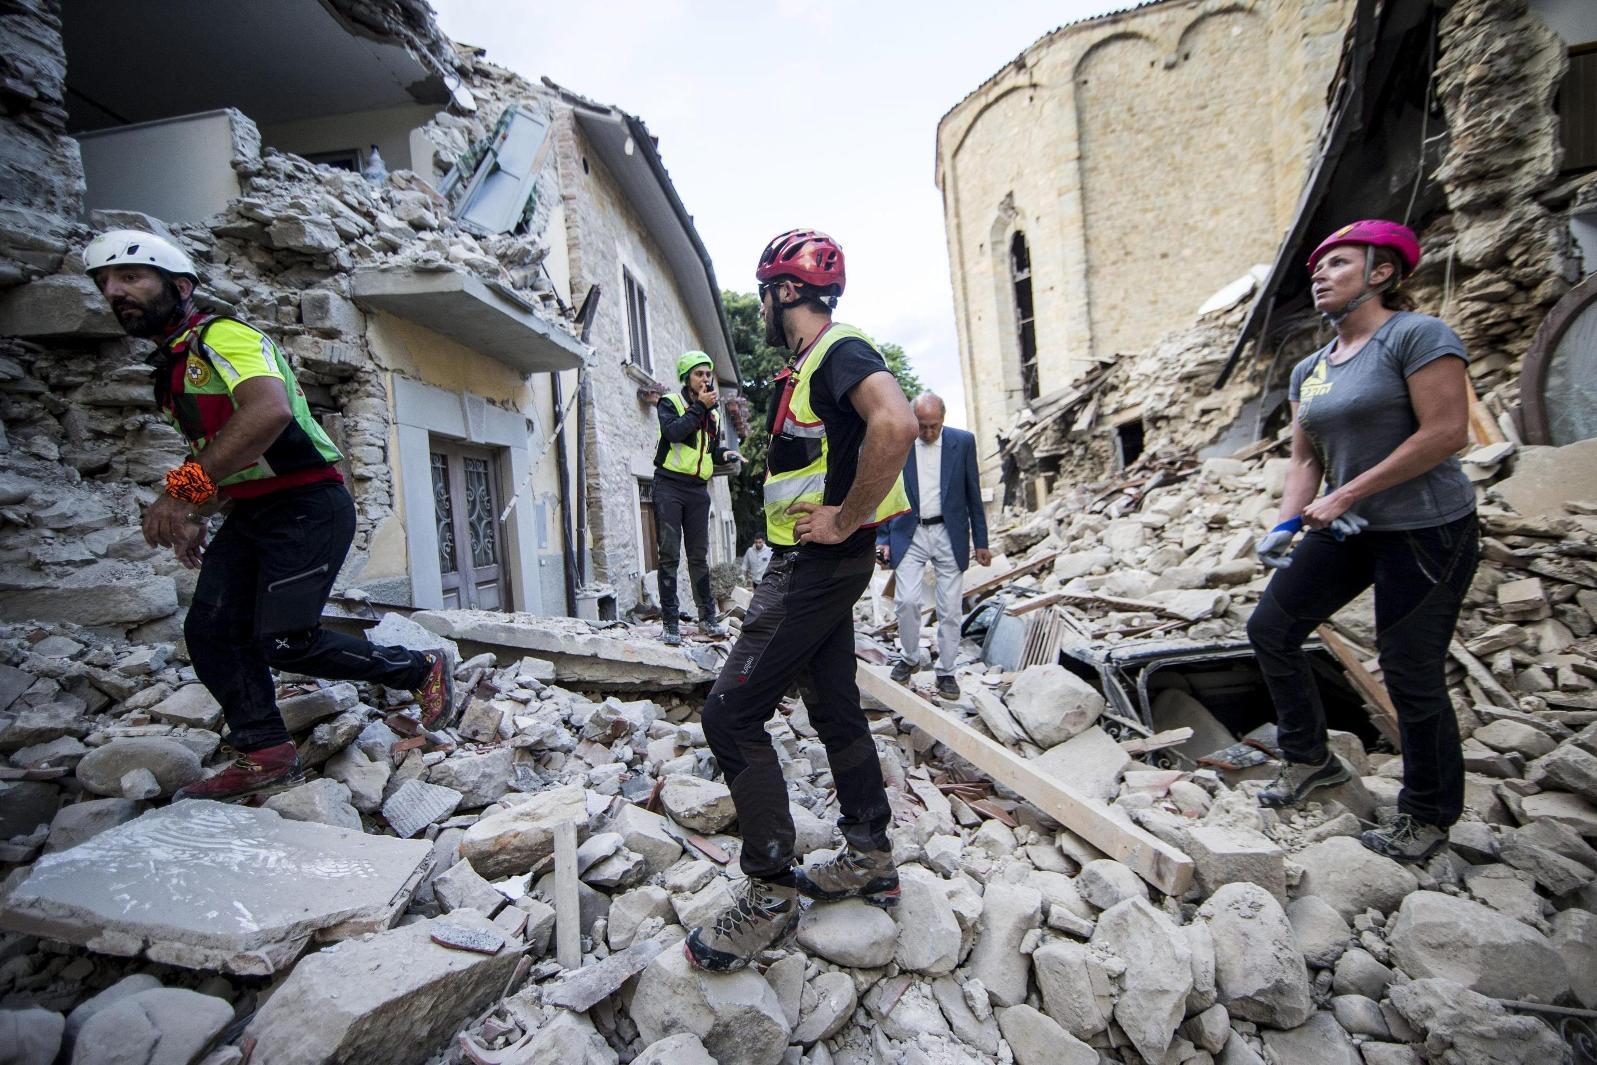 в жертвы фото землетрясения италии